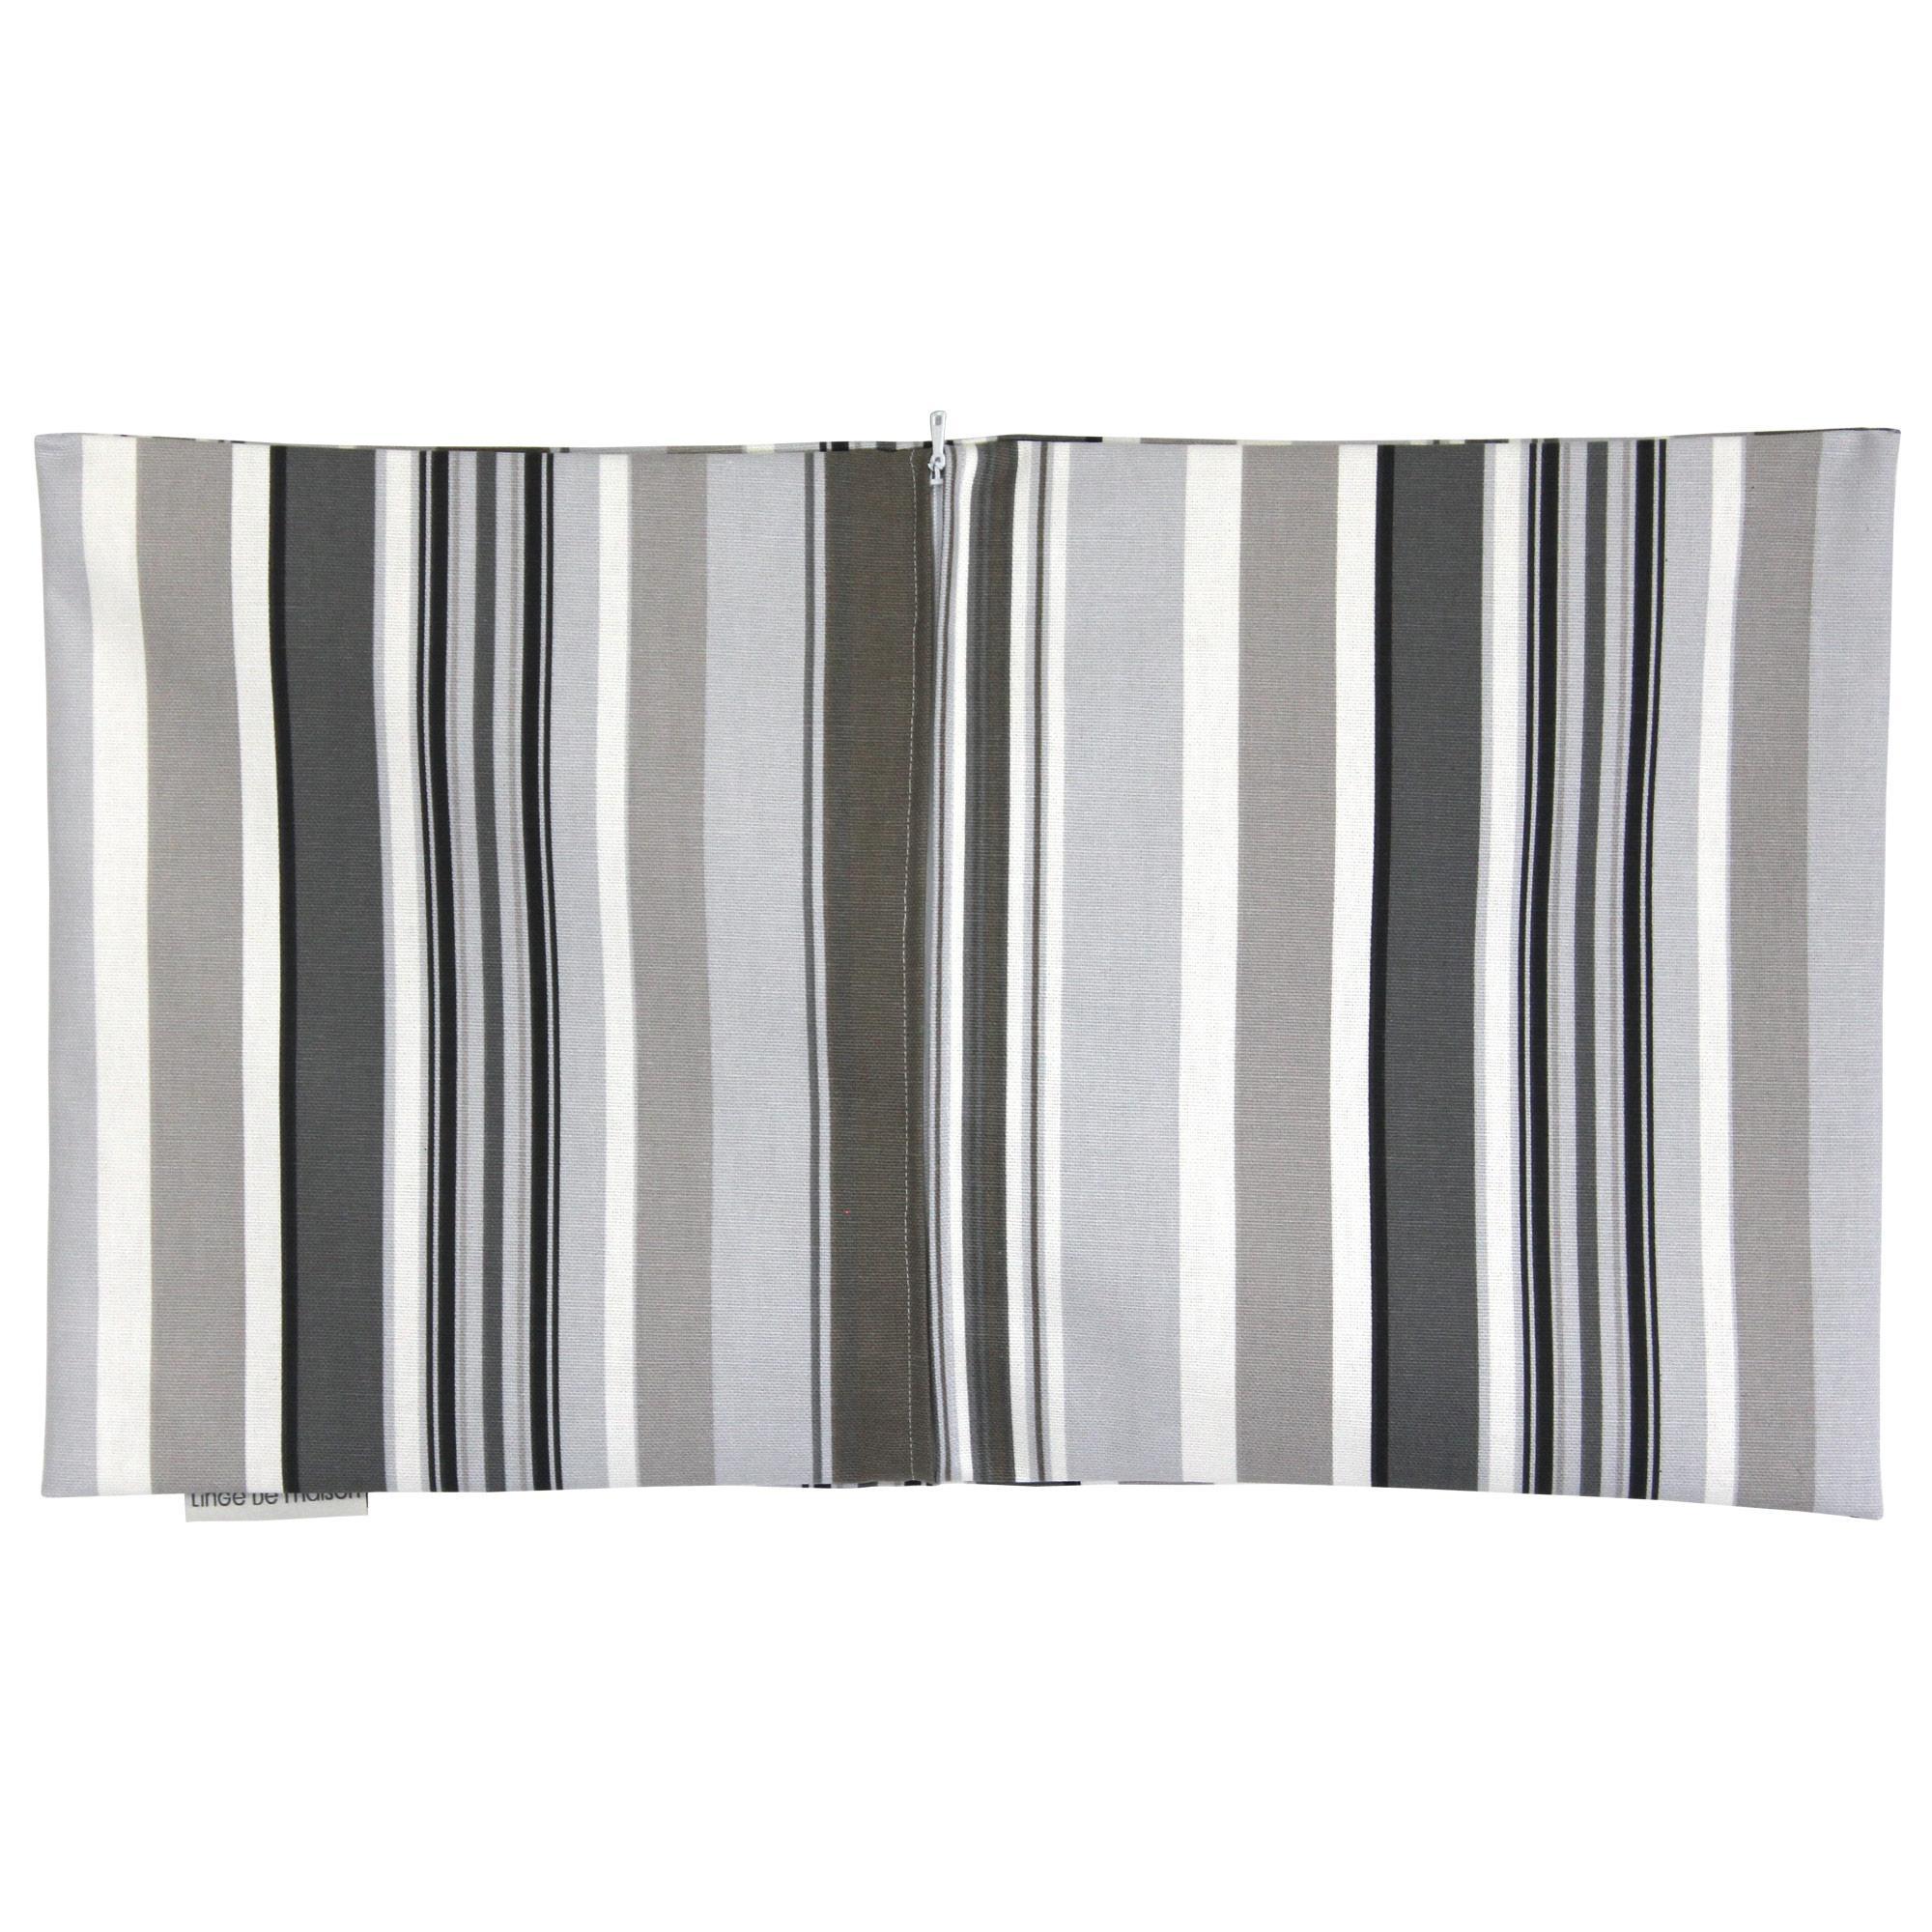 housse de coussin 30x50 giraudo lignes marrons grises 100 coton ebay. Black Bedroom Furniture Sets. Home Design Ideas